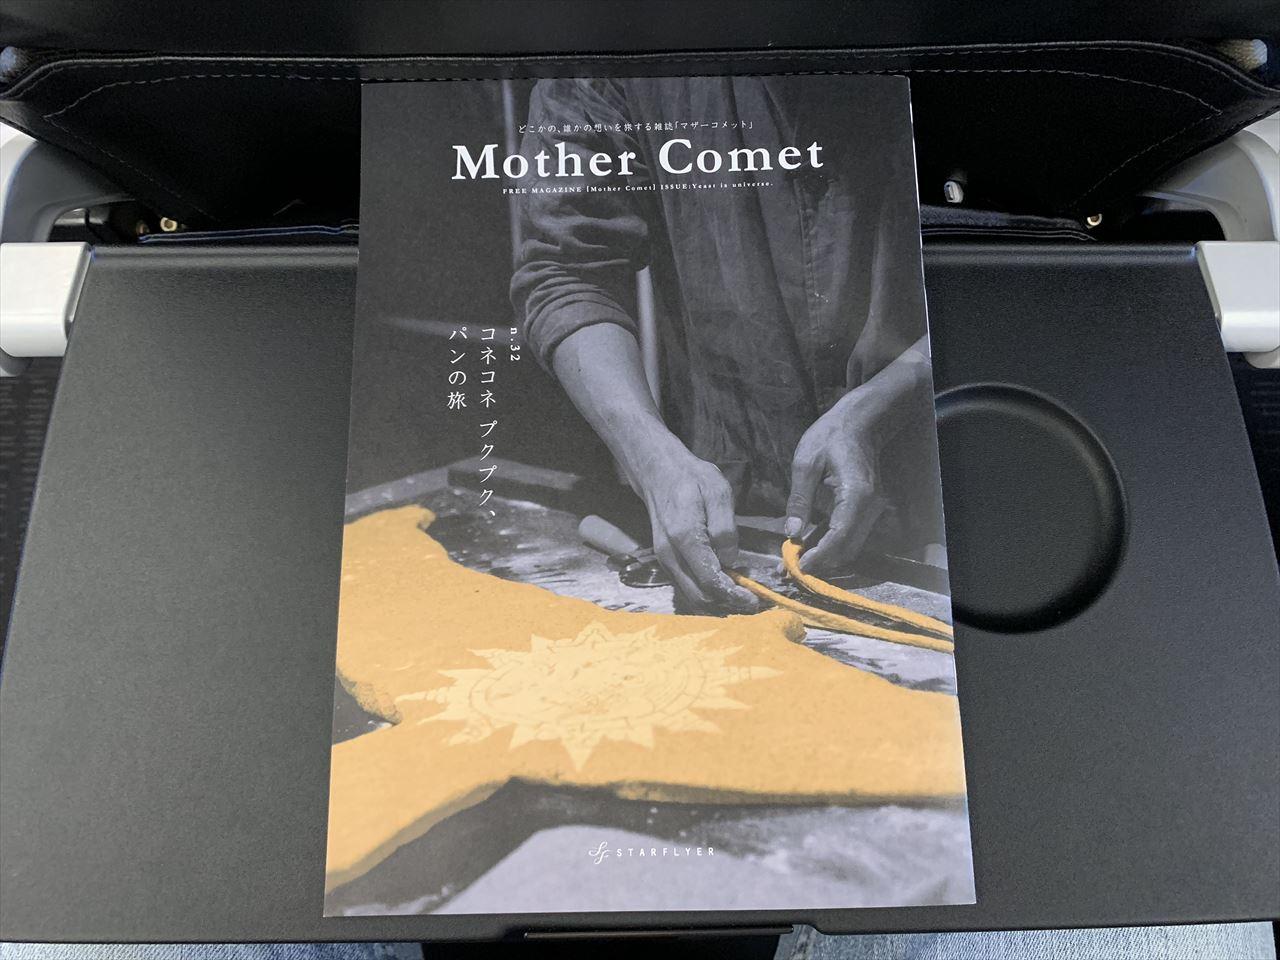 スターフライヤー機内誌 Mother Comet